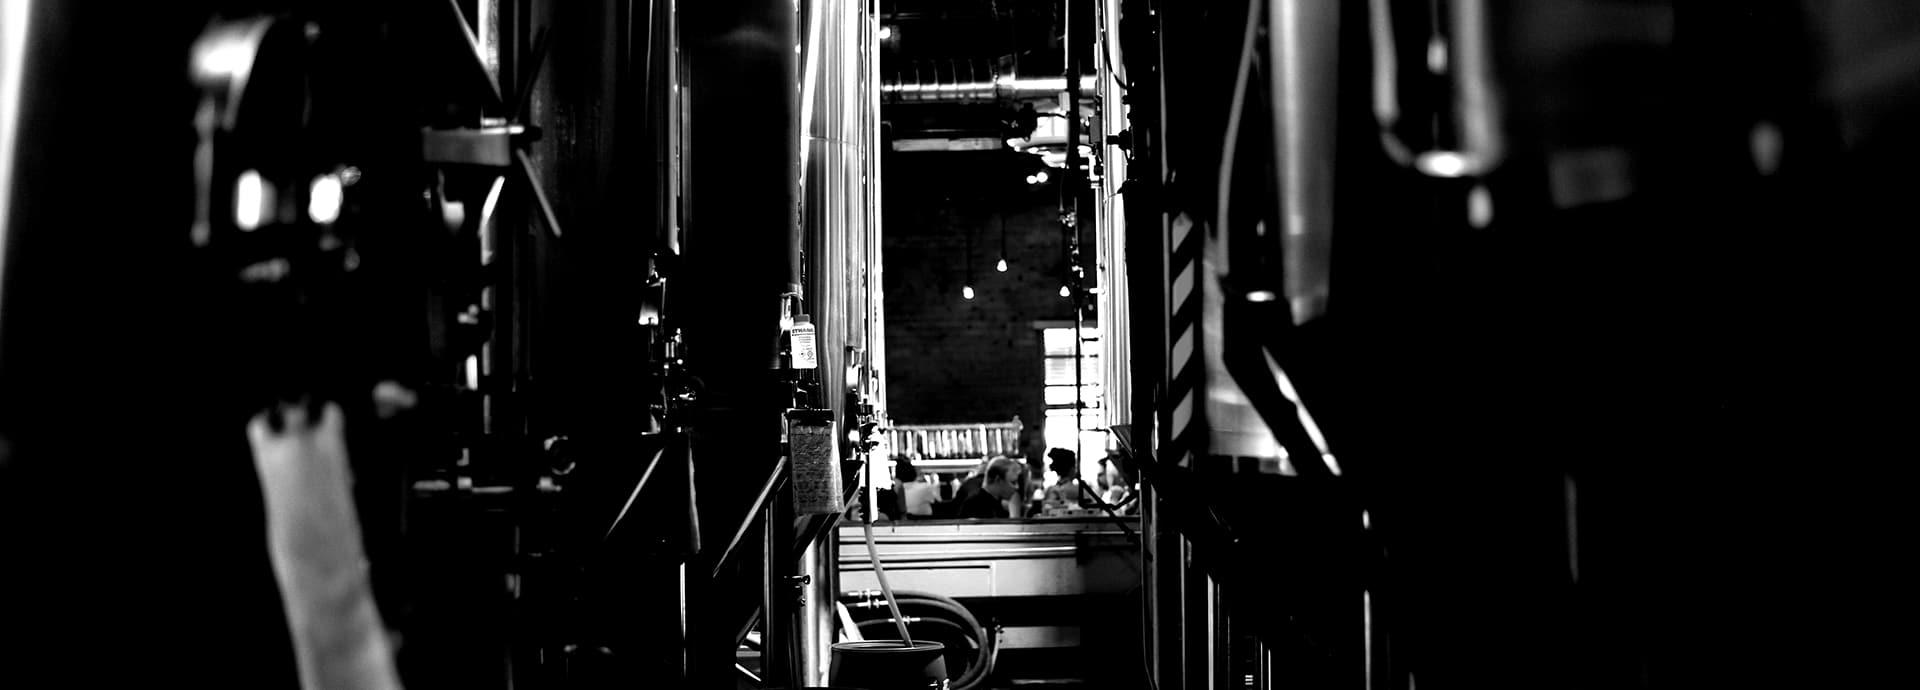 Instalaciones Industriales - Levantamiento Técnico